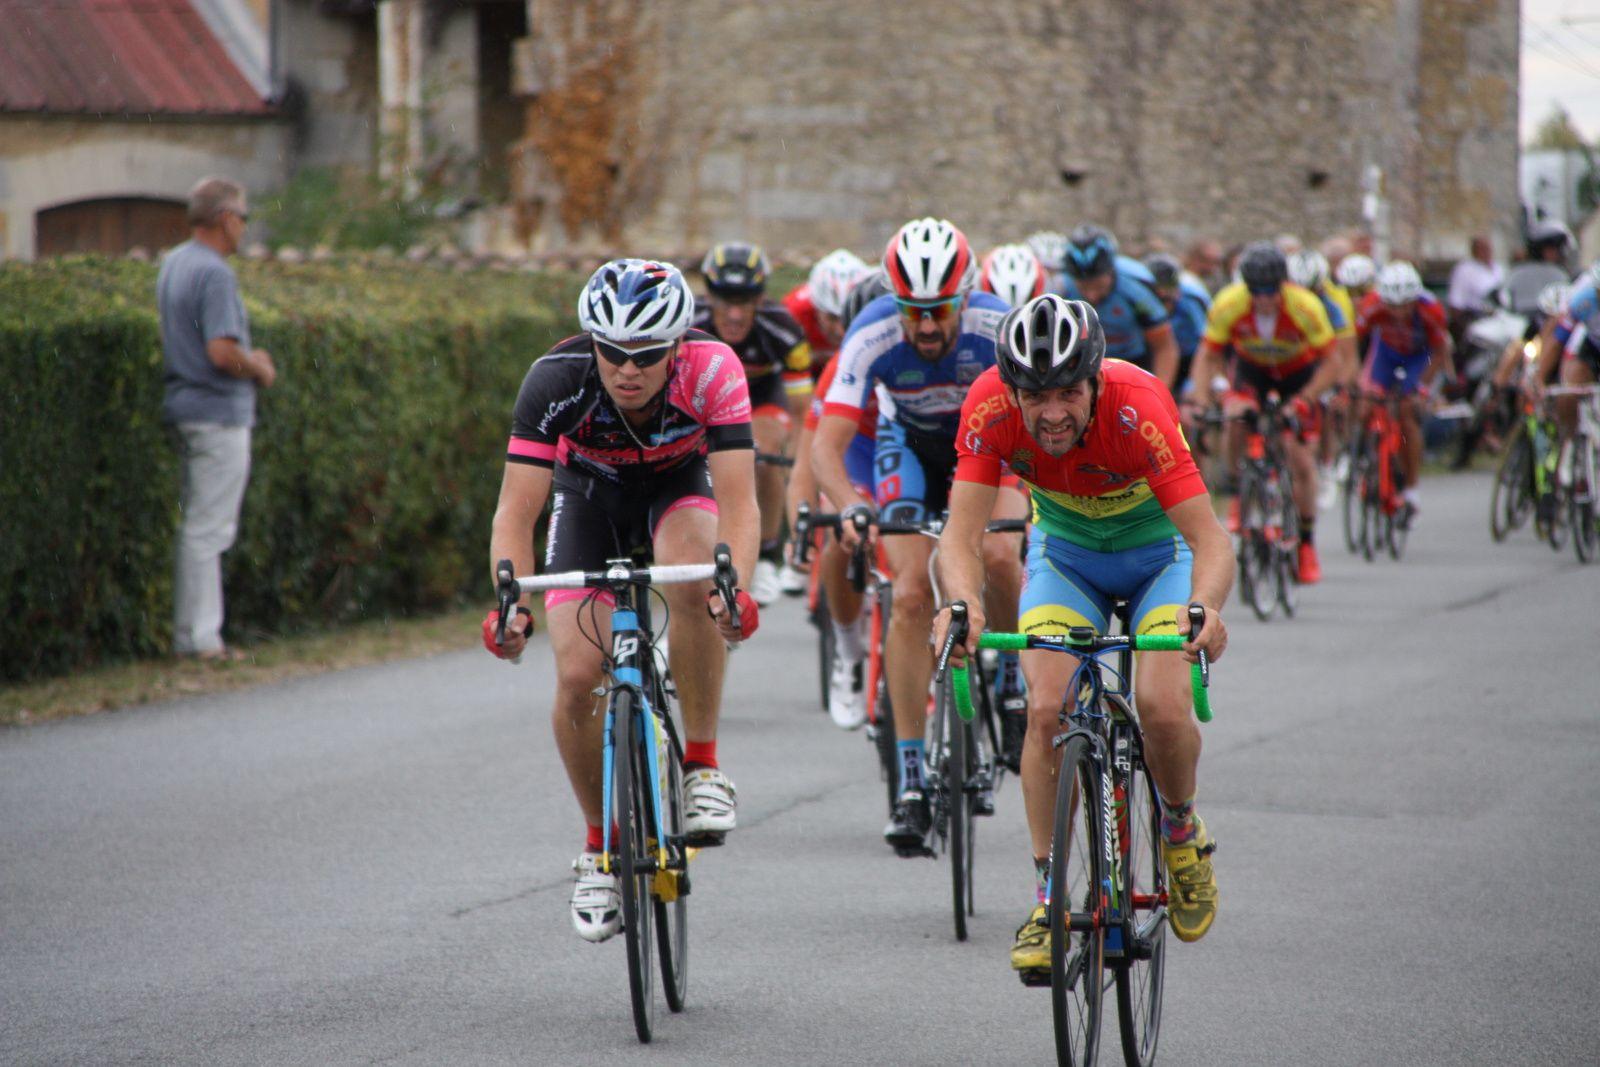 Quentin  FOUSSARD, Jérome  SUBRA  et  un  coureur  du  CC  St  Agnant  composent  ce  groupe  de  tête